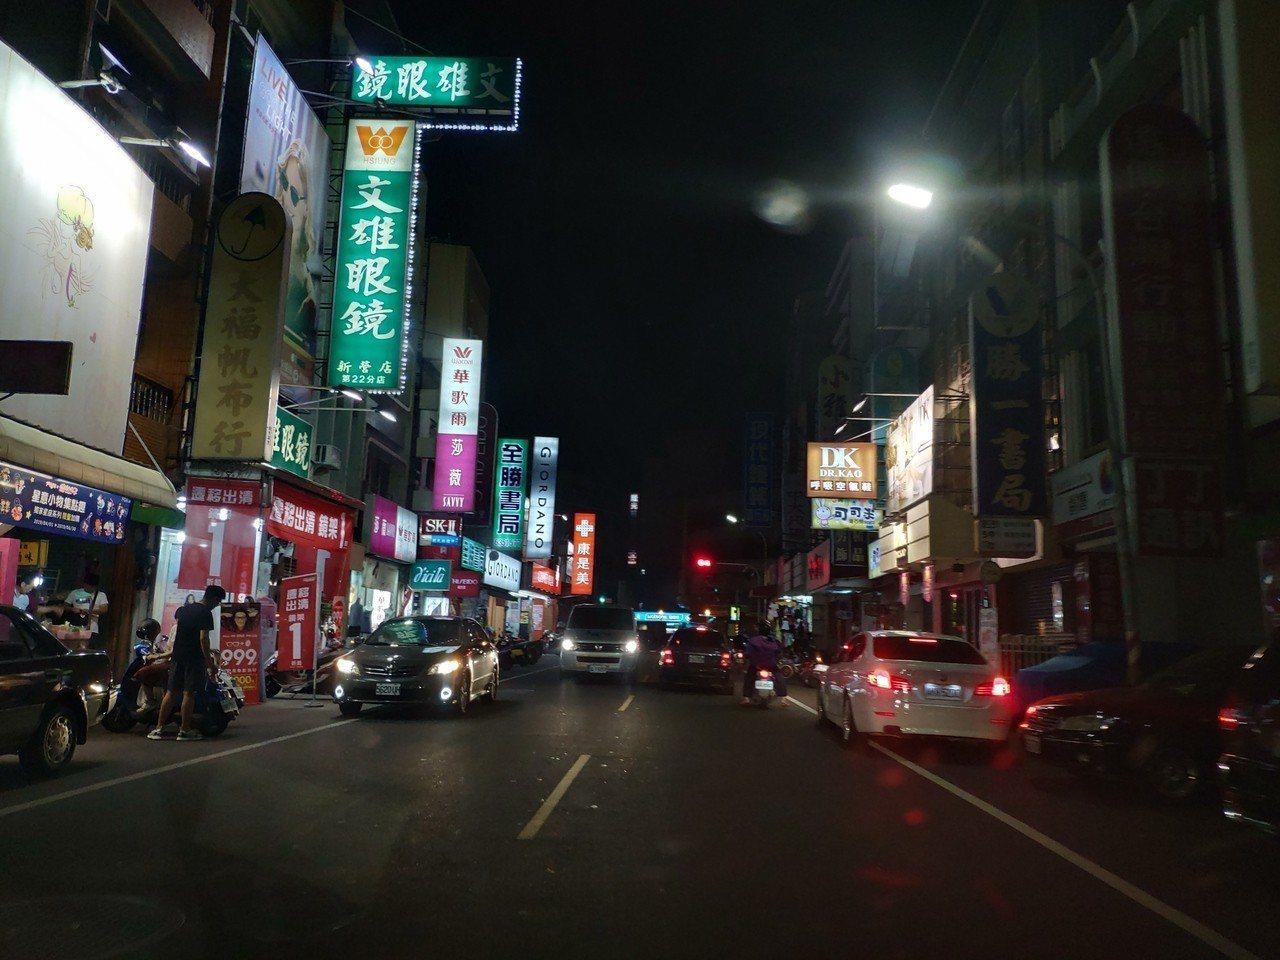 台南「溪北邊緣化」雪上加霜? 全市人口新營減少最多